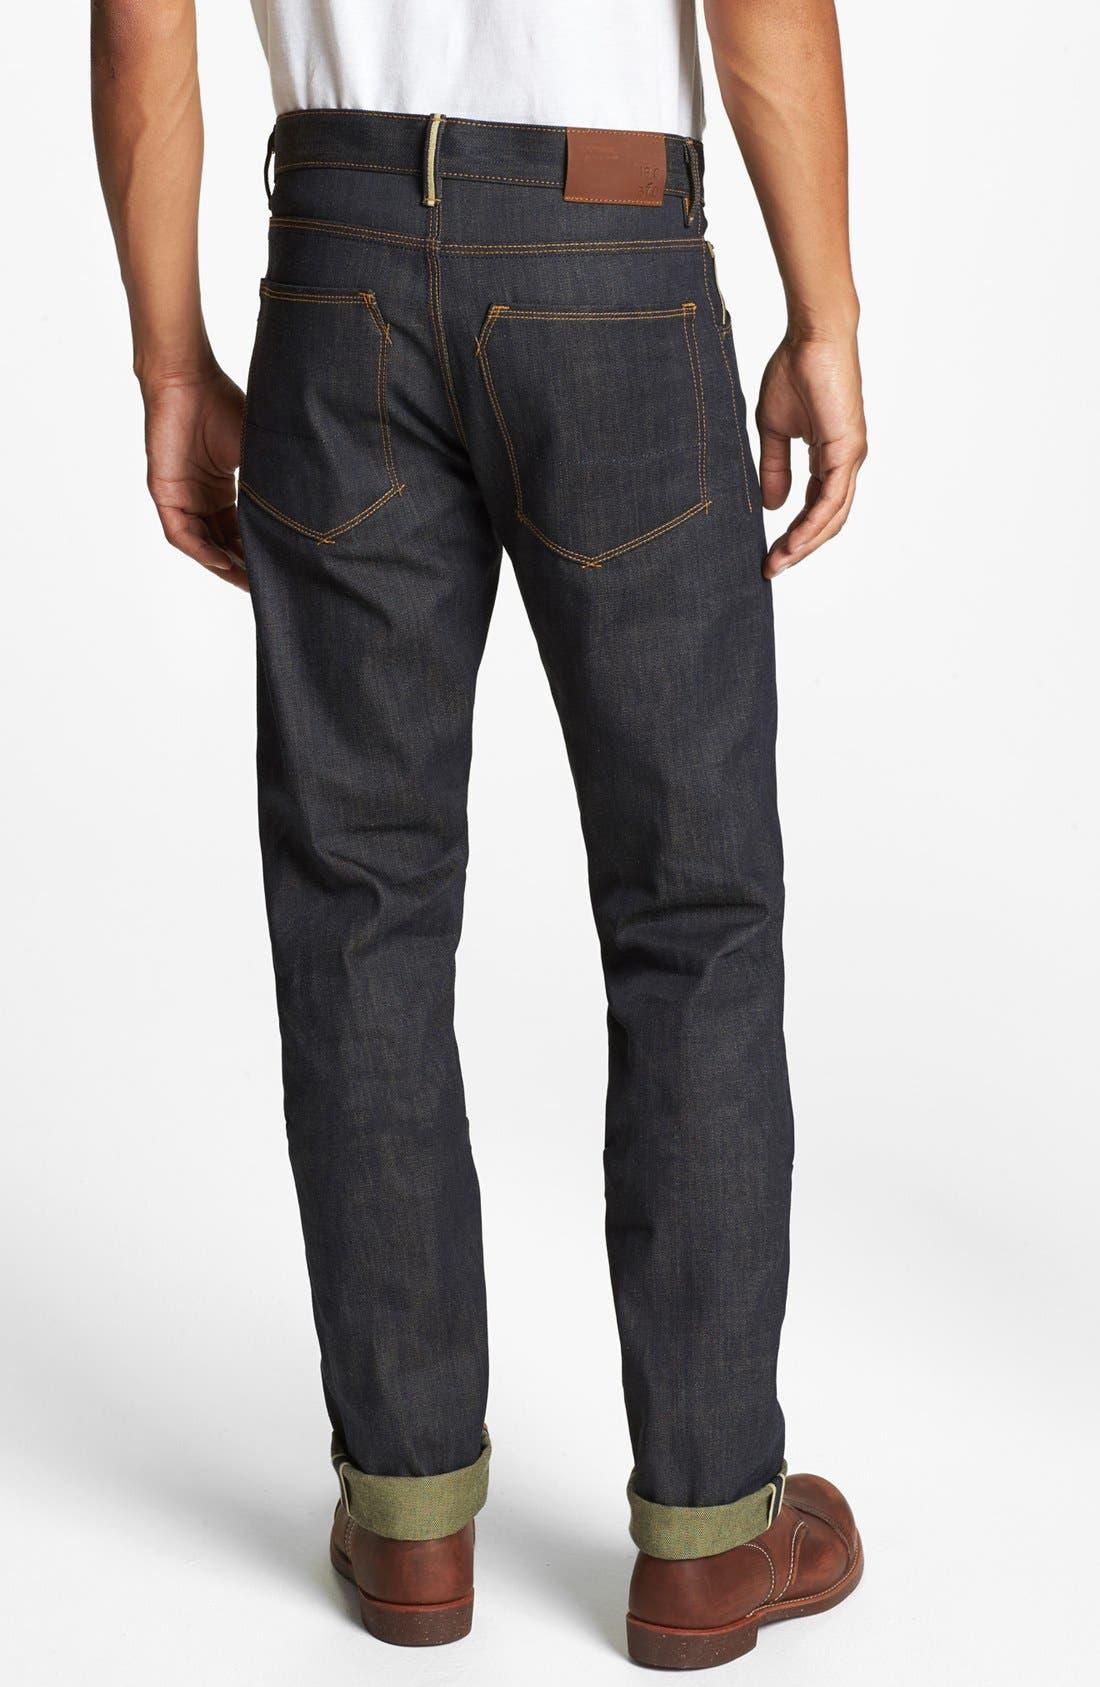 Main Image - Raleigh Denim 'Jones' Slim Fit Raw Selvedge Jeans (Original Selvage)